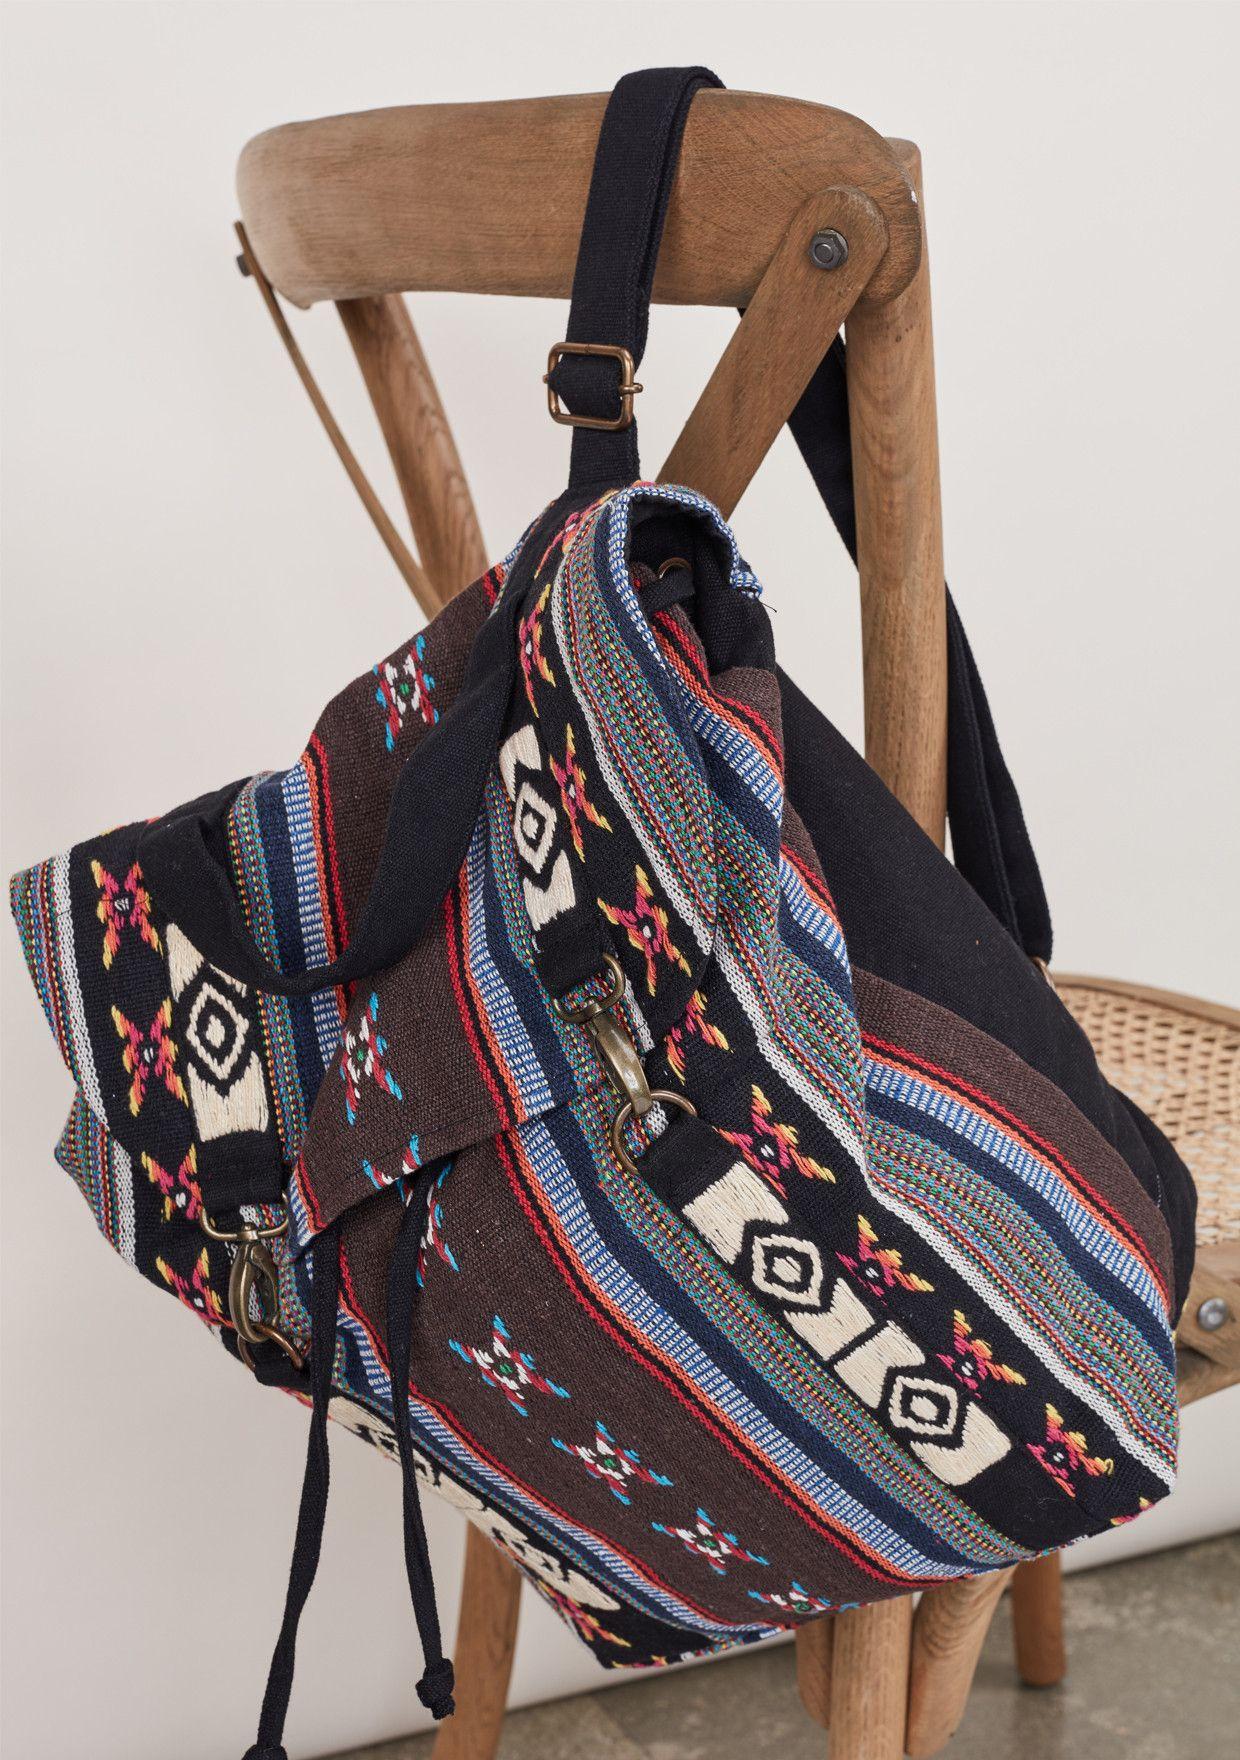 b18f597135ea Ojai Backpack. Super cute